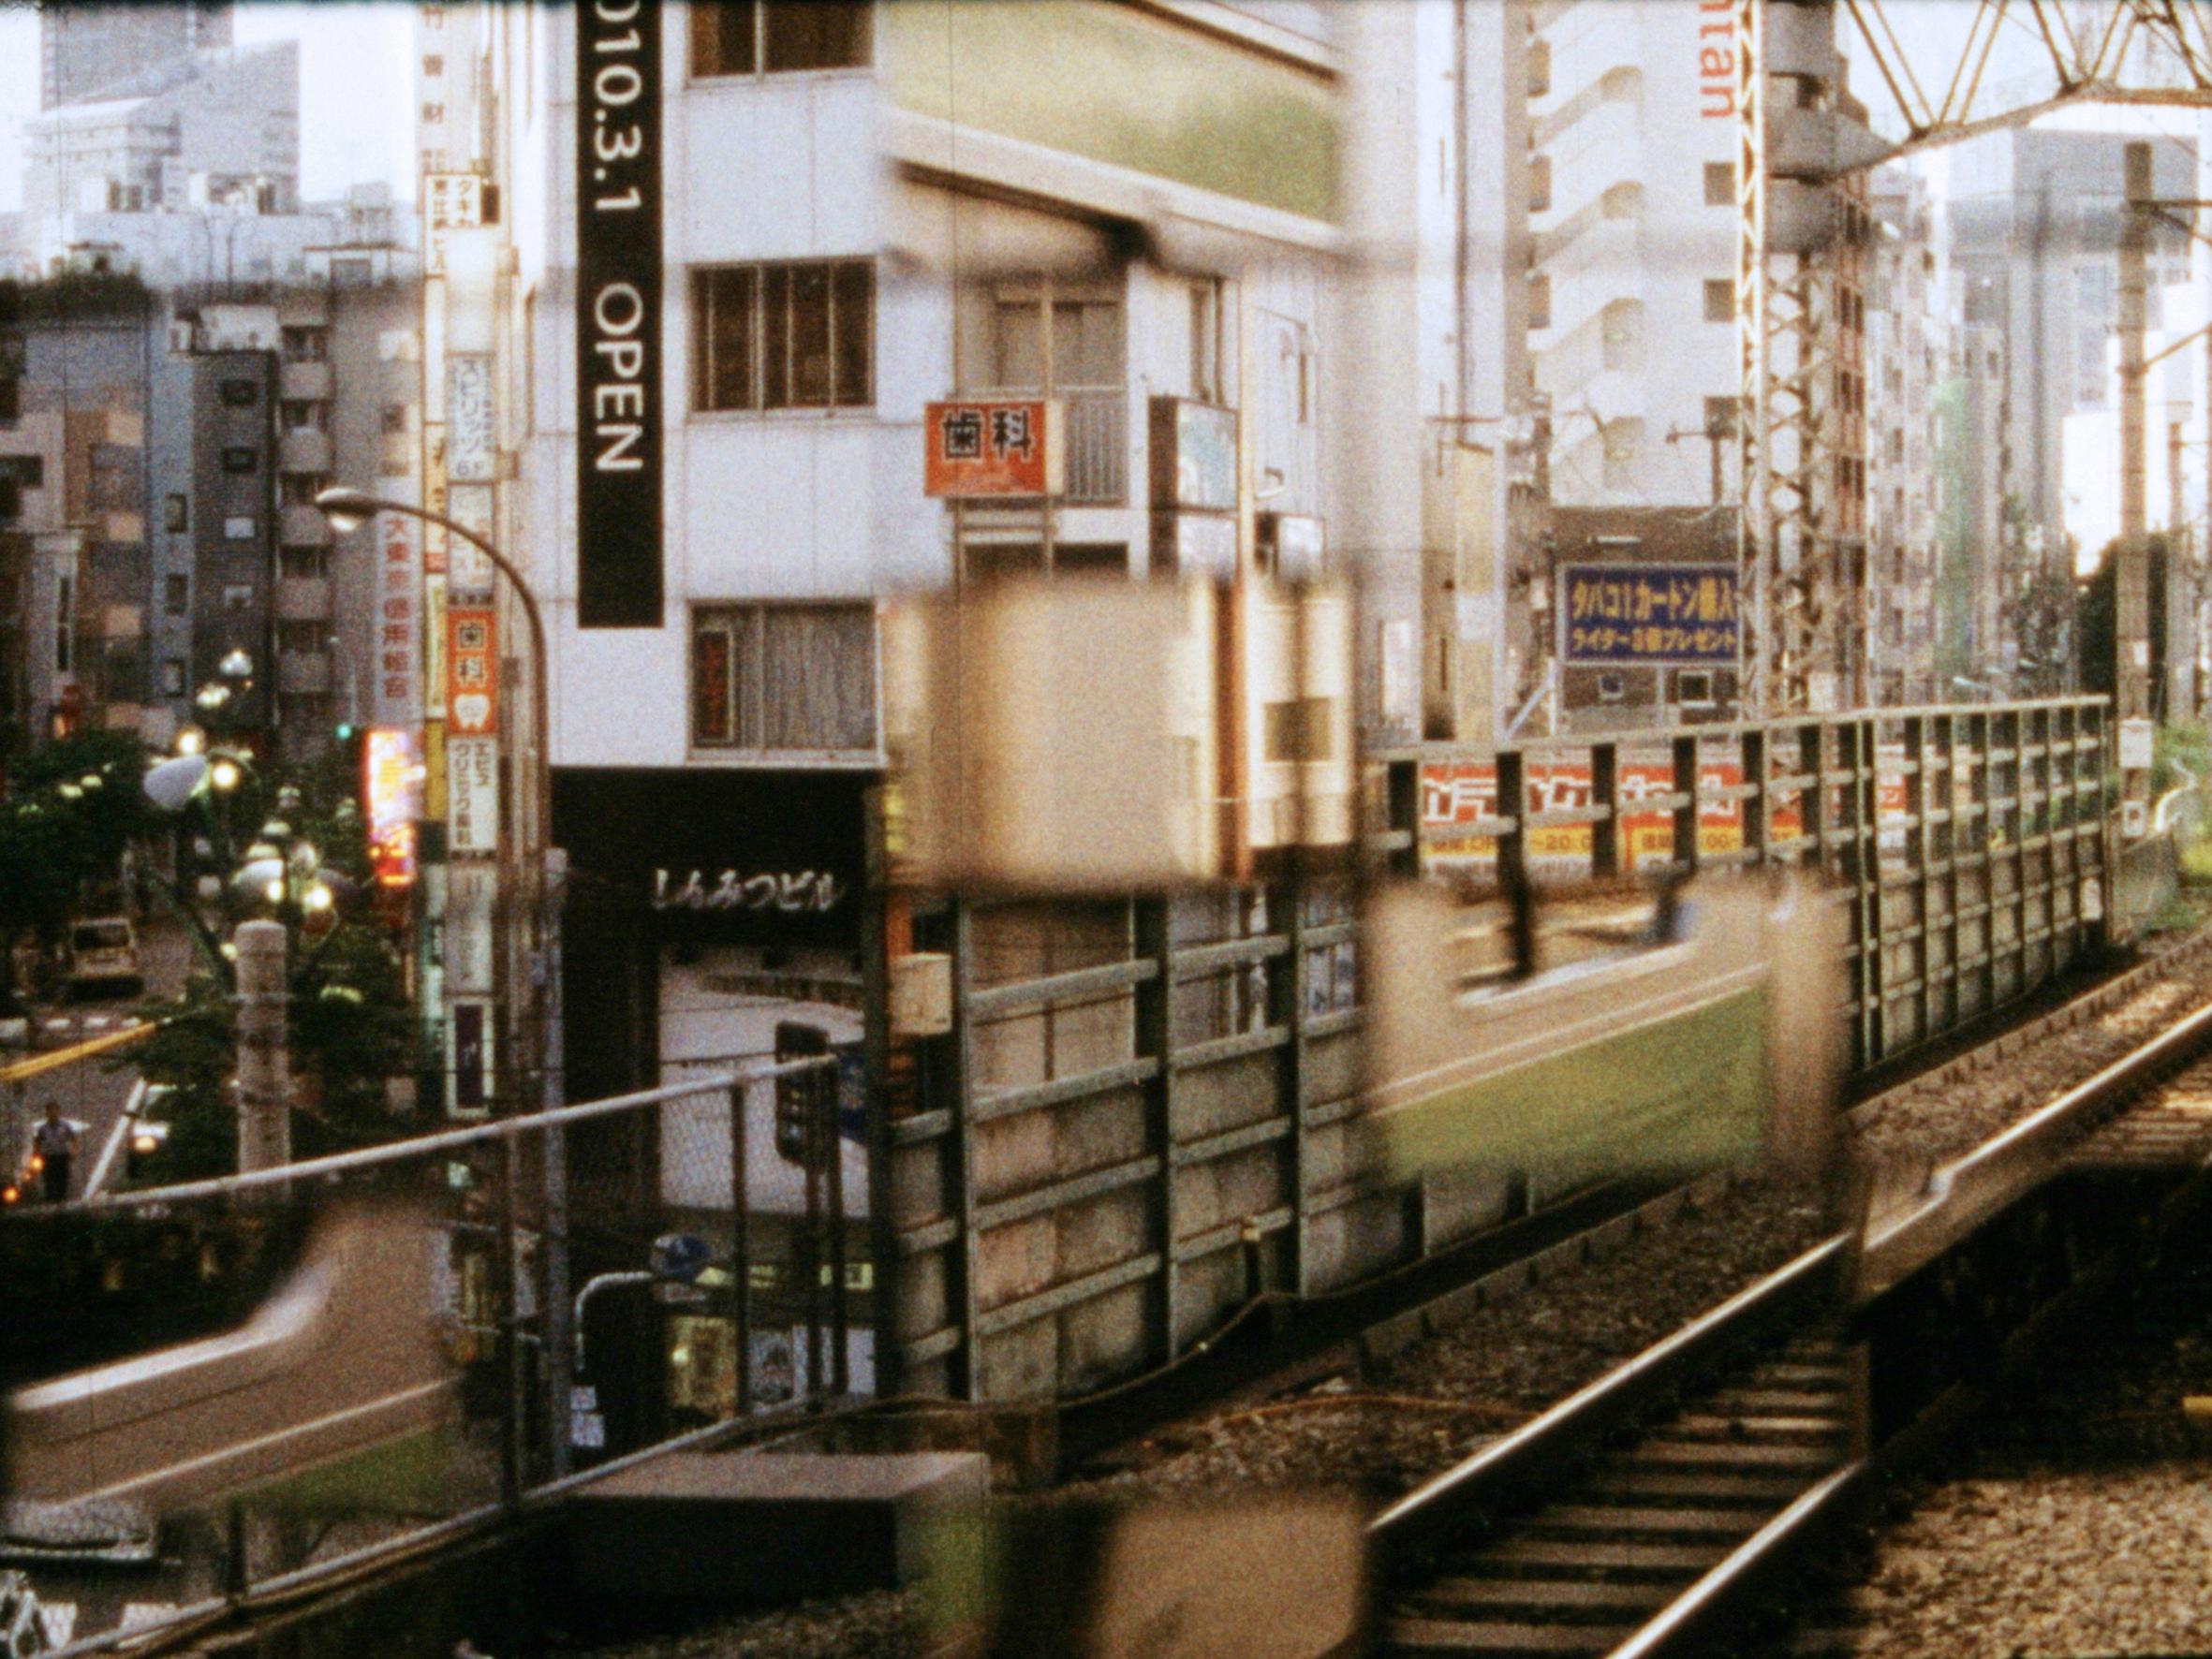 Tokyo-Ebisu, Tomonari Nishikawa, Giappone 2005